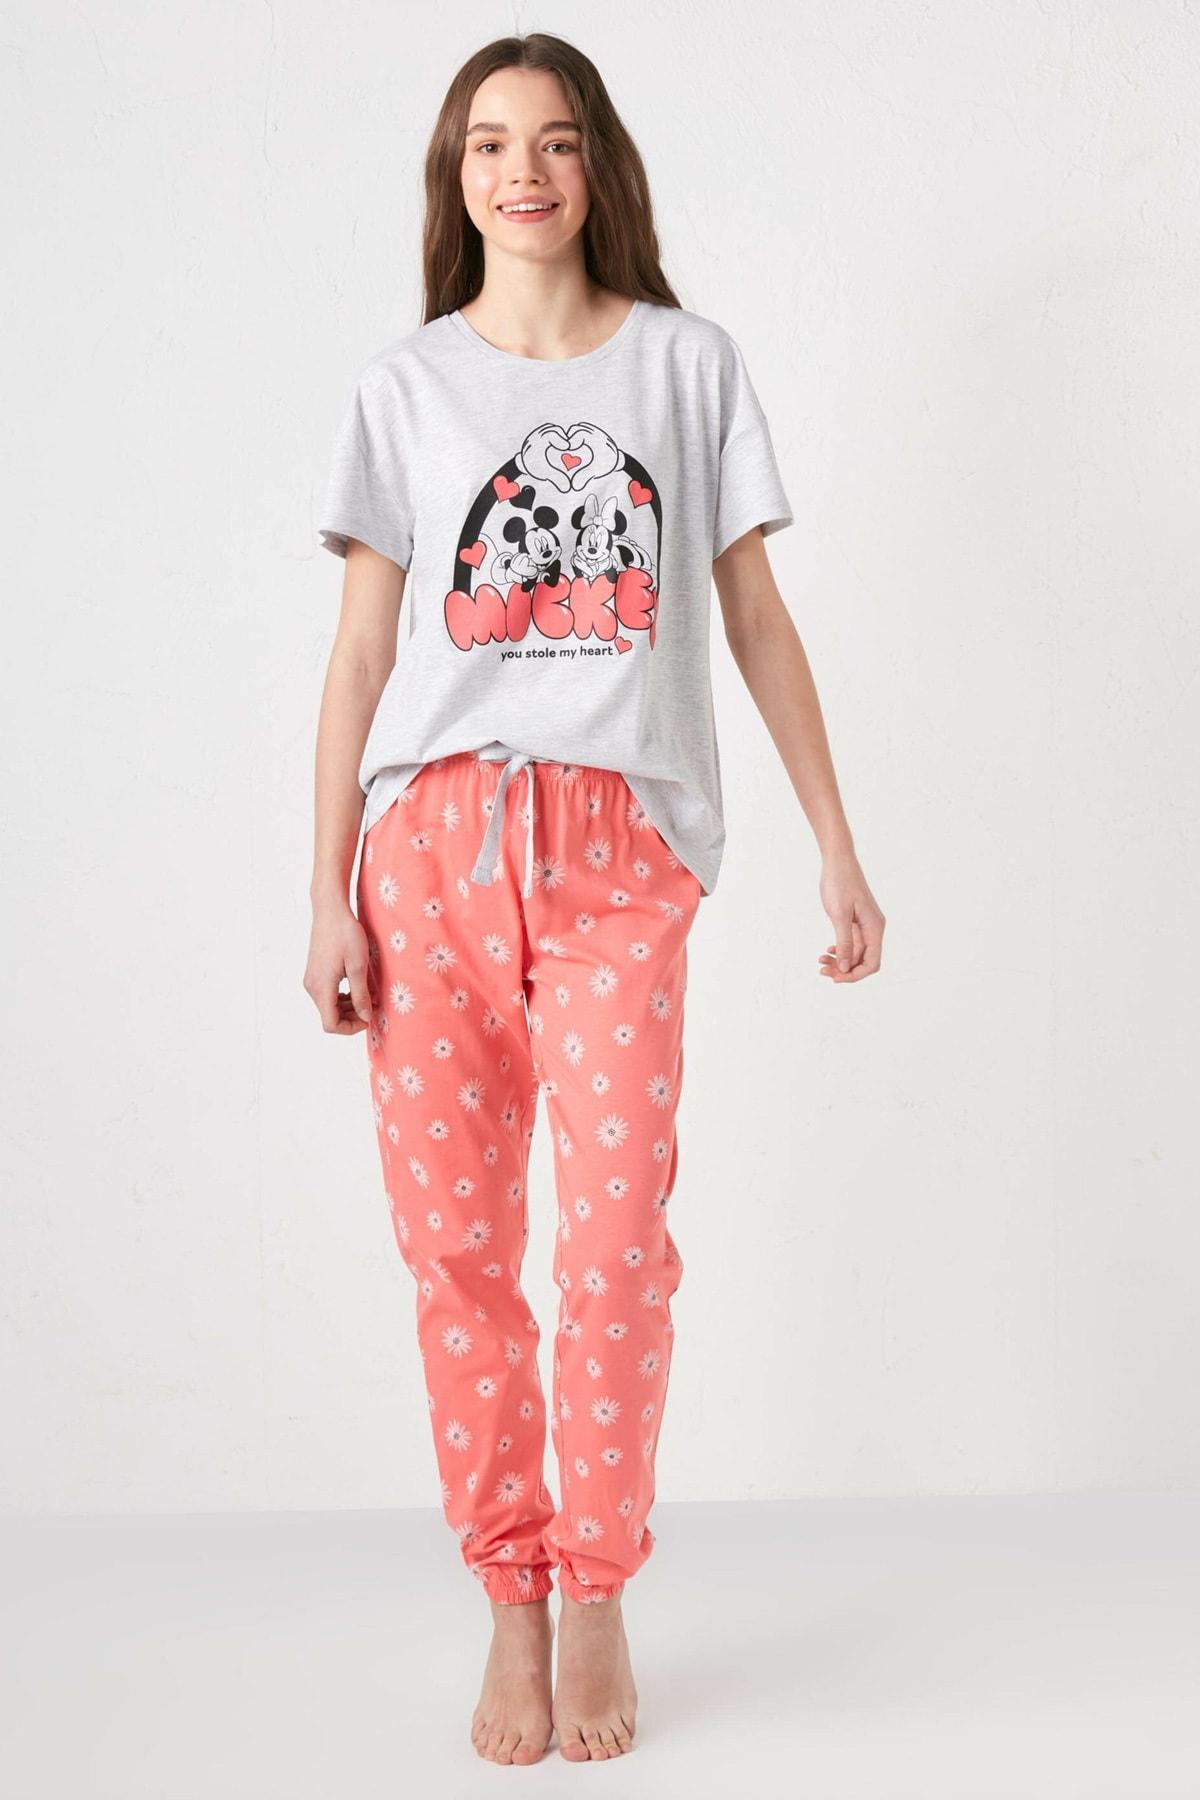 LC Waikiki Kadın Mercan Baskılı Pijama Takım 1